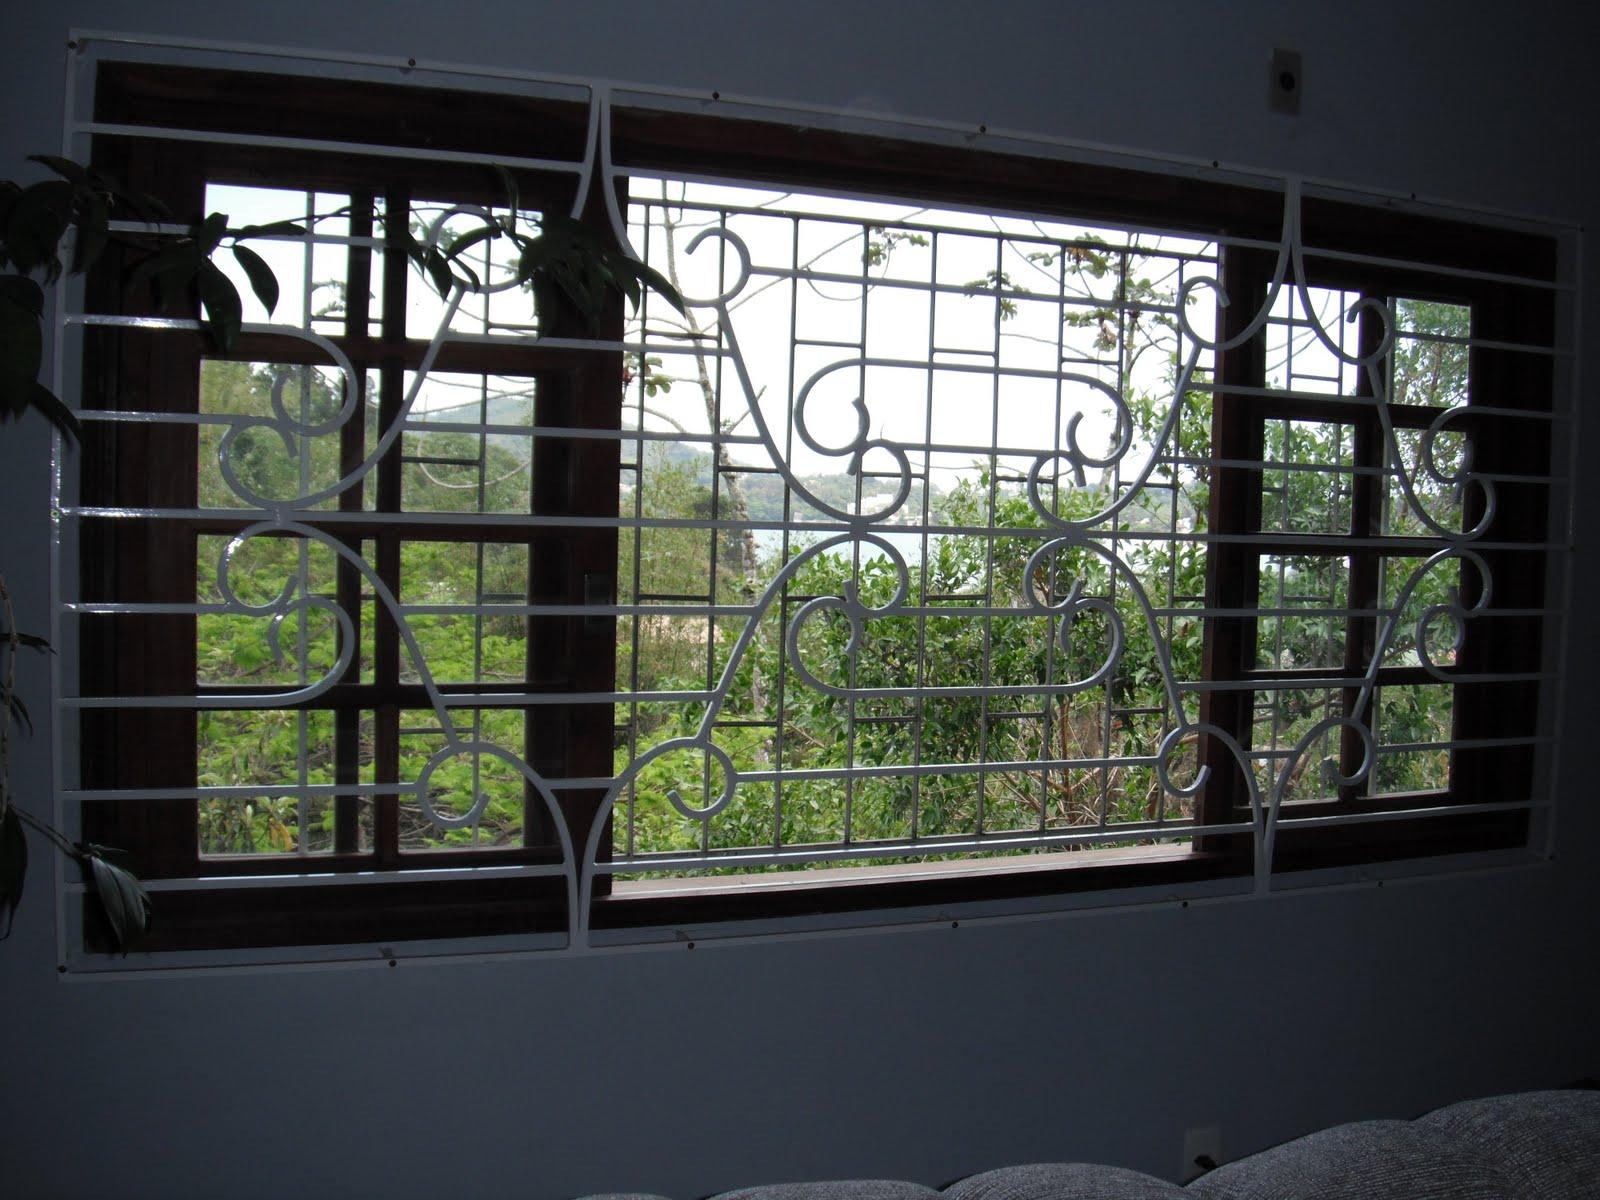 #687845 Grade de Proteção para janela com arabescos 4166 Grades Para Janelas Em Arco